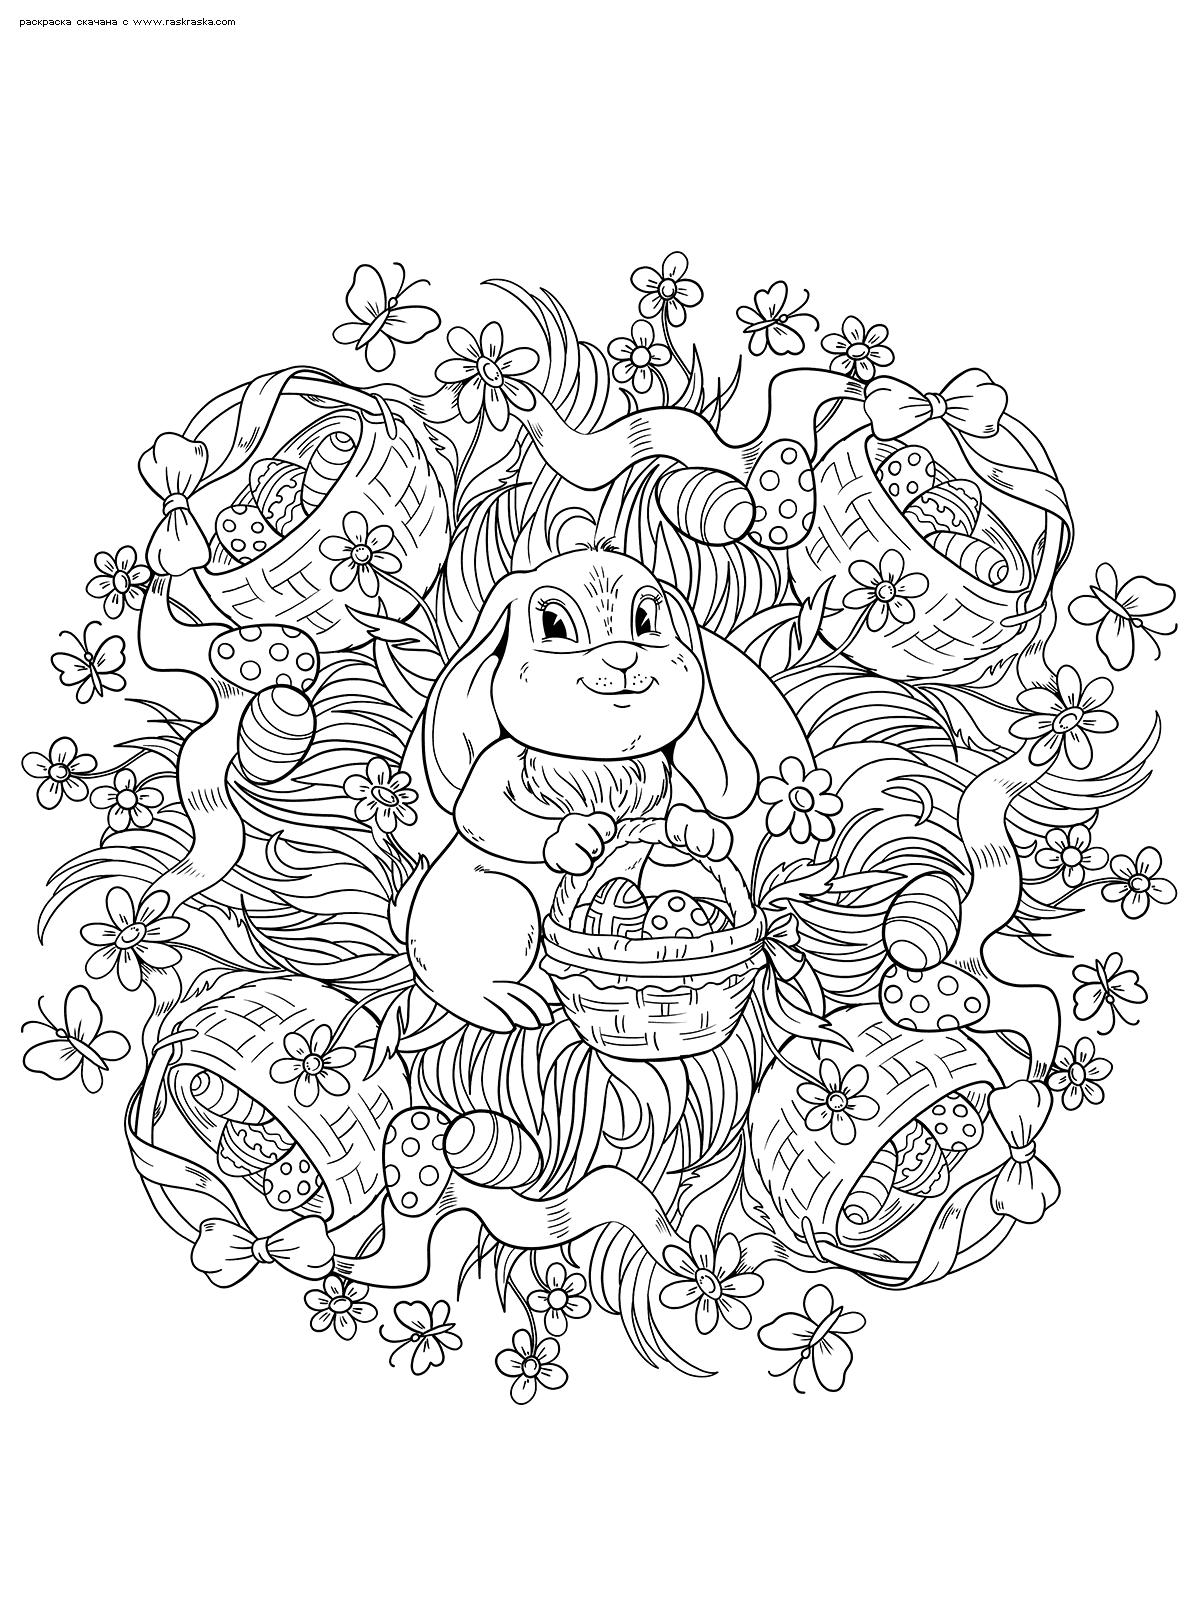 Раскраска Пасхальный кролик | Раскраски антистресс к Пасхе ...